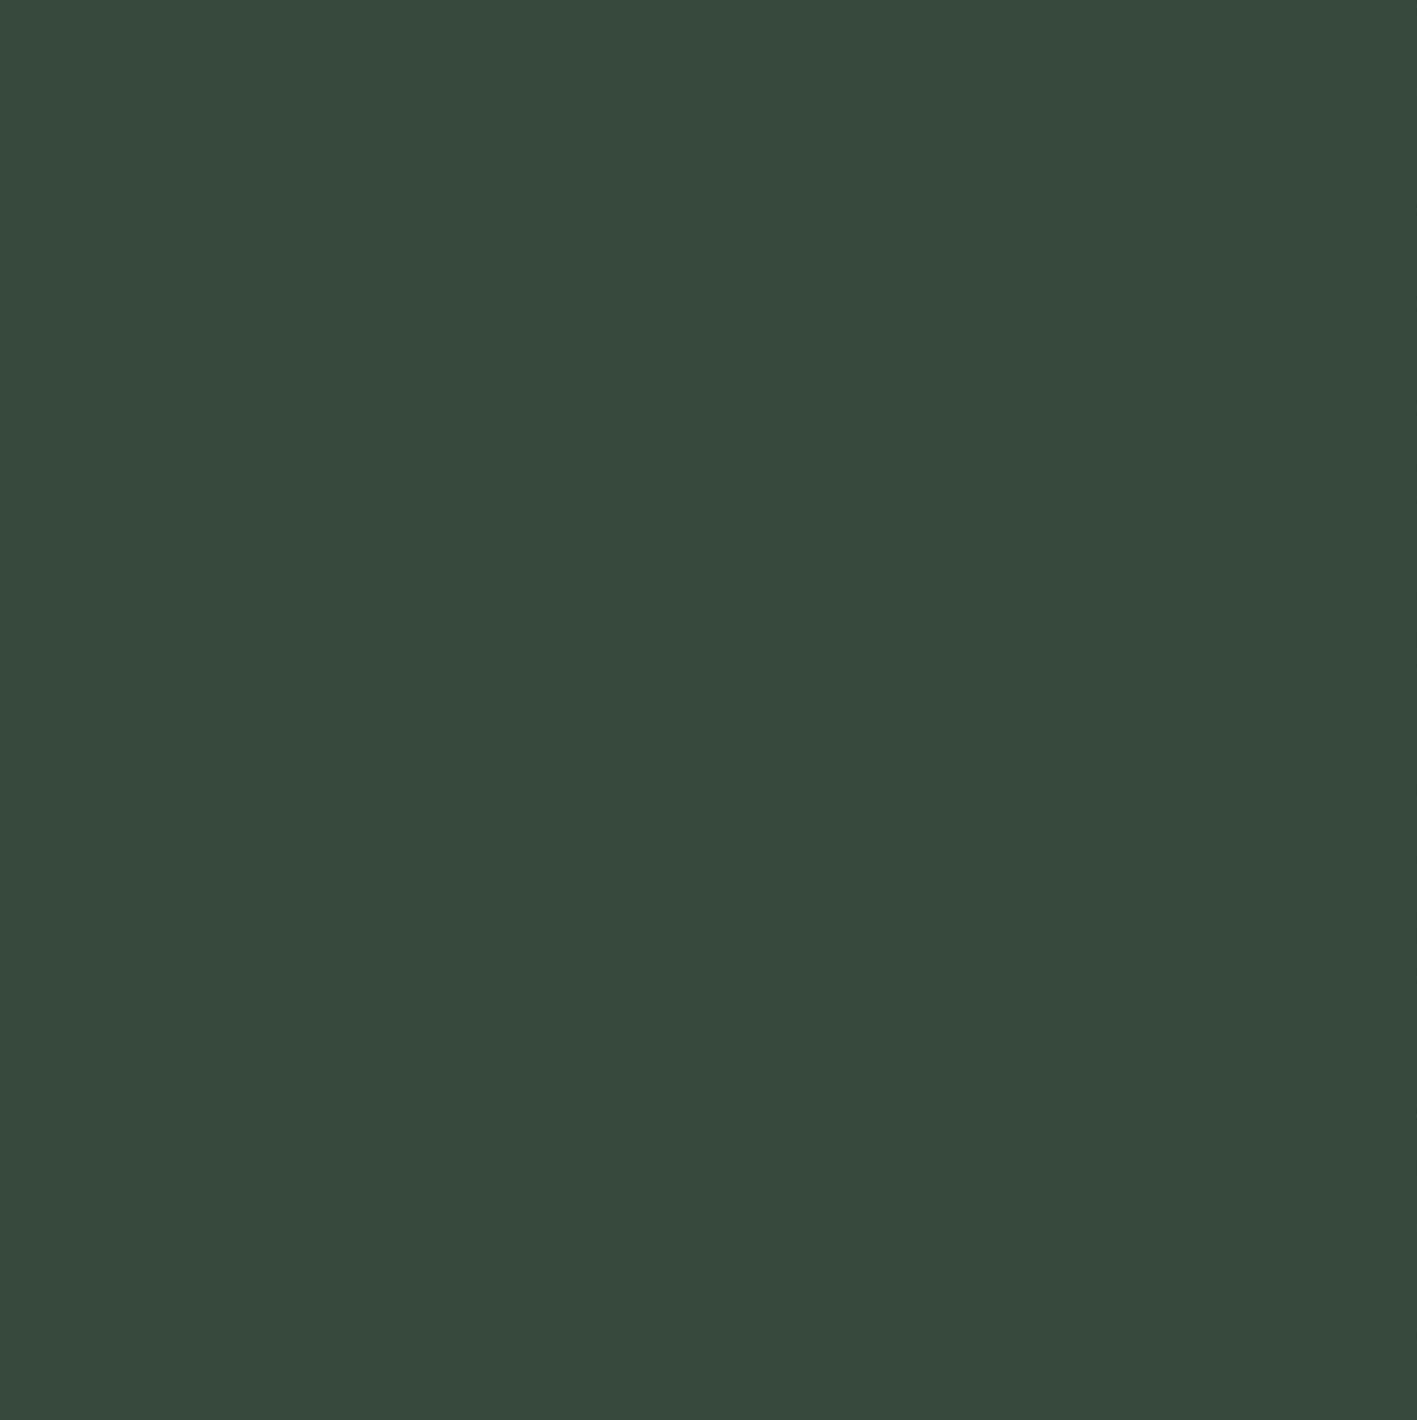 Crayons of Cerim Moss Matte 6mm 120 x 120